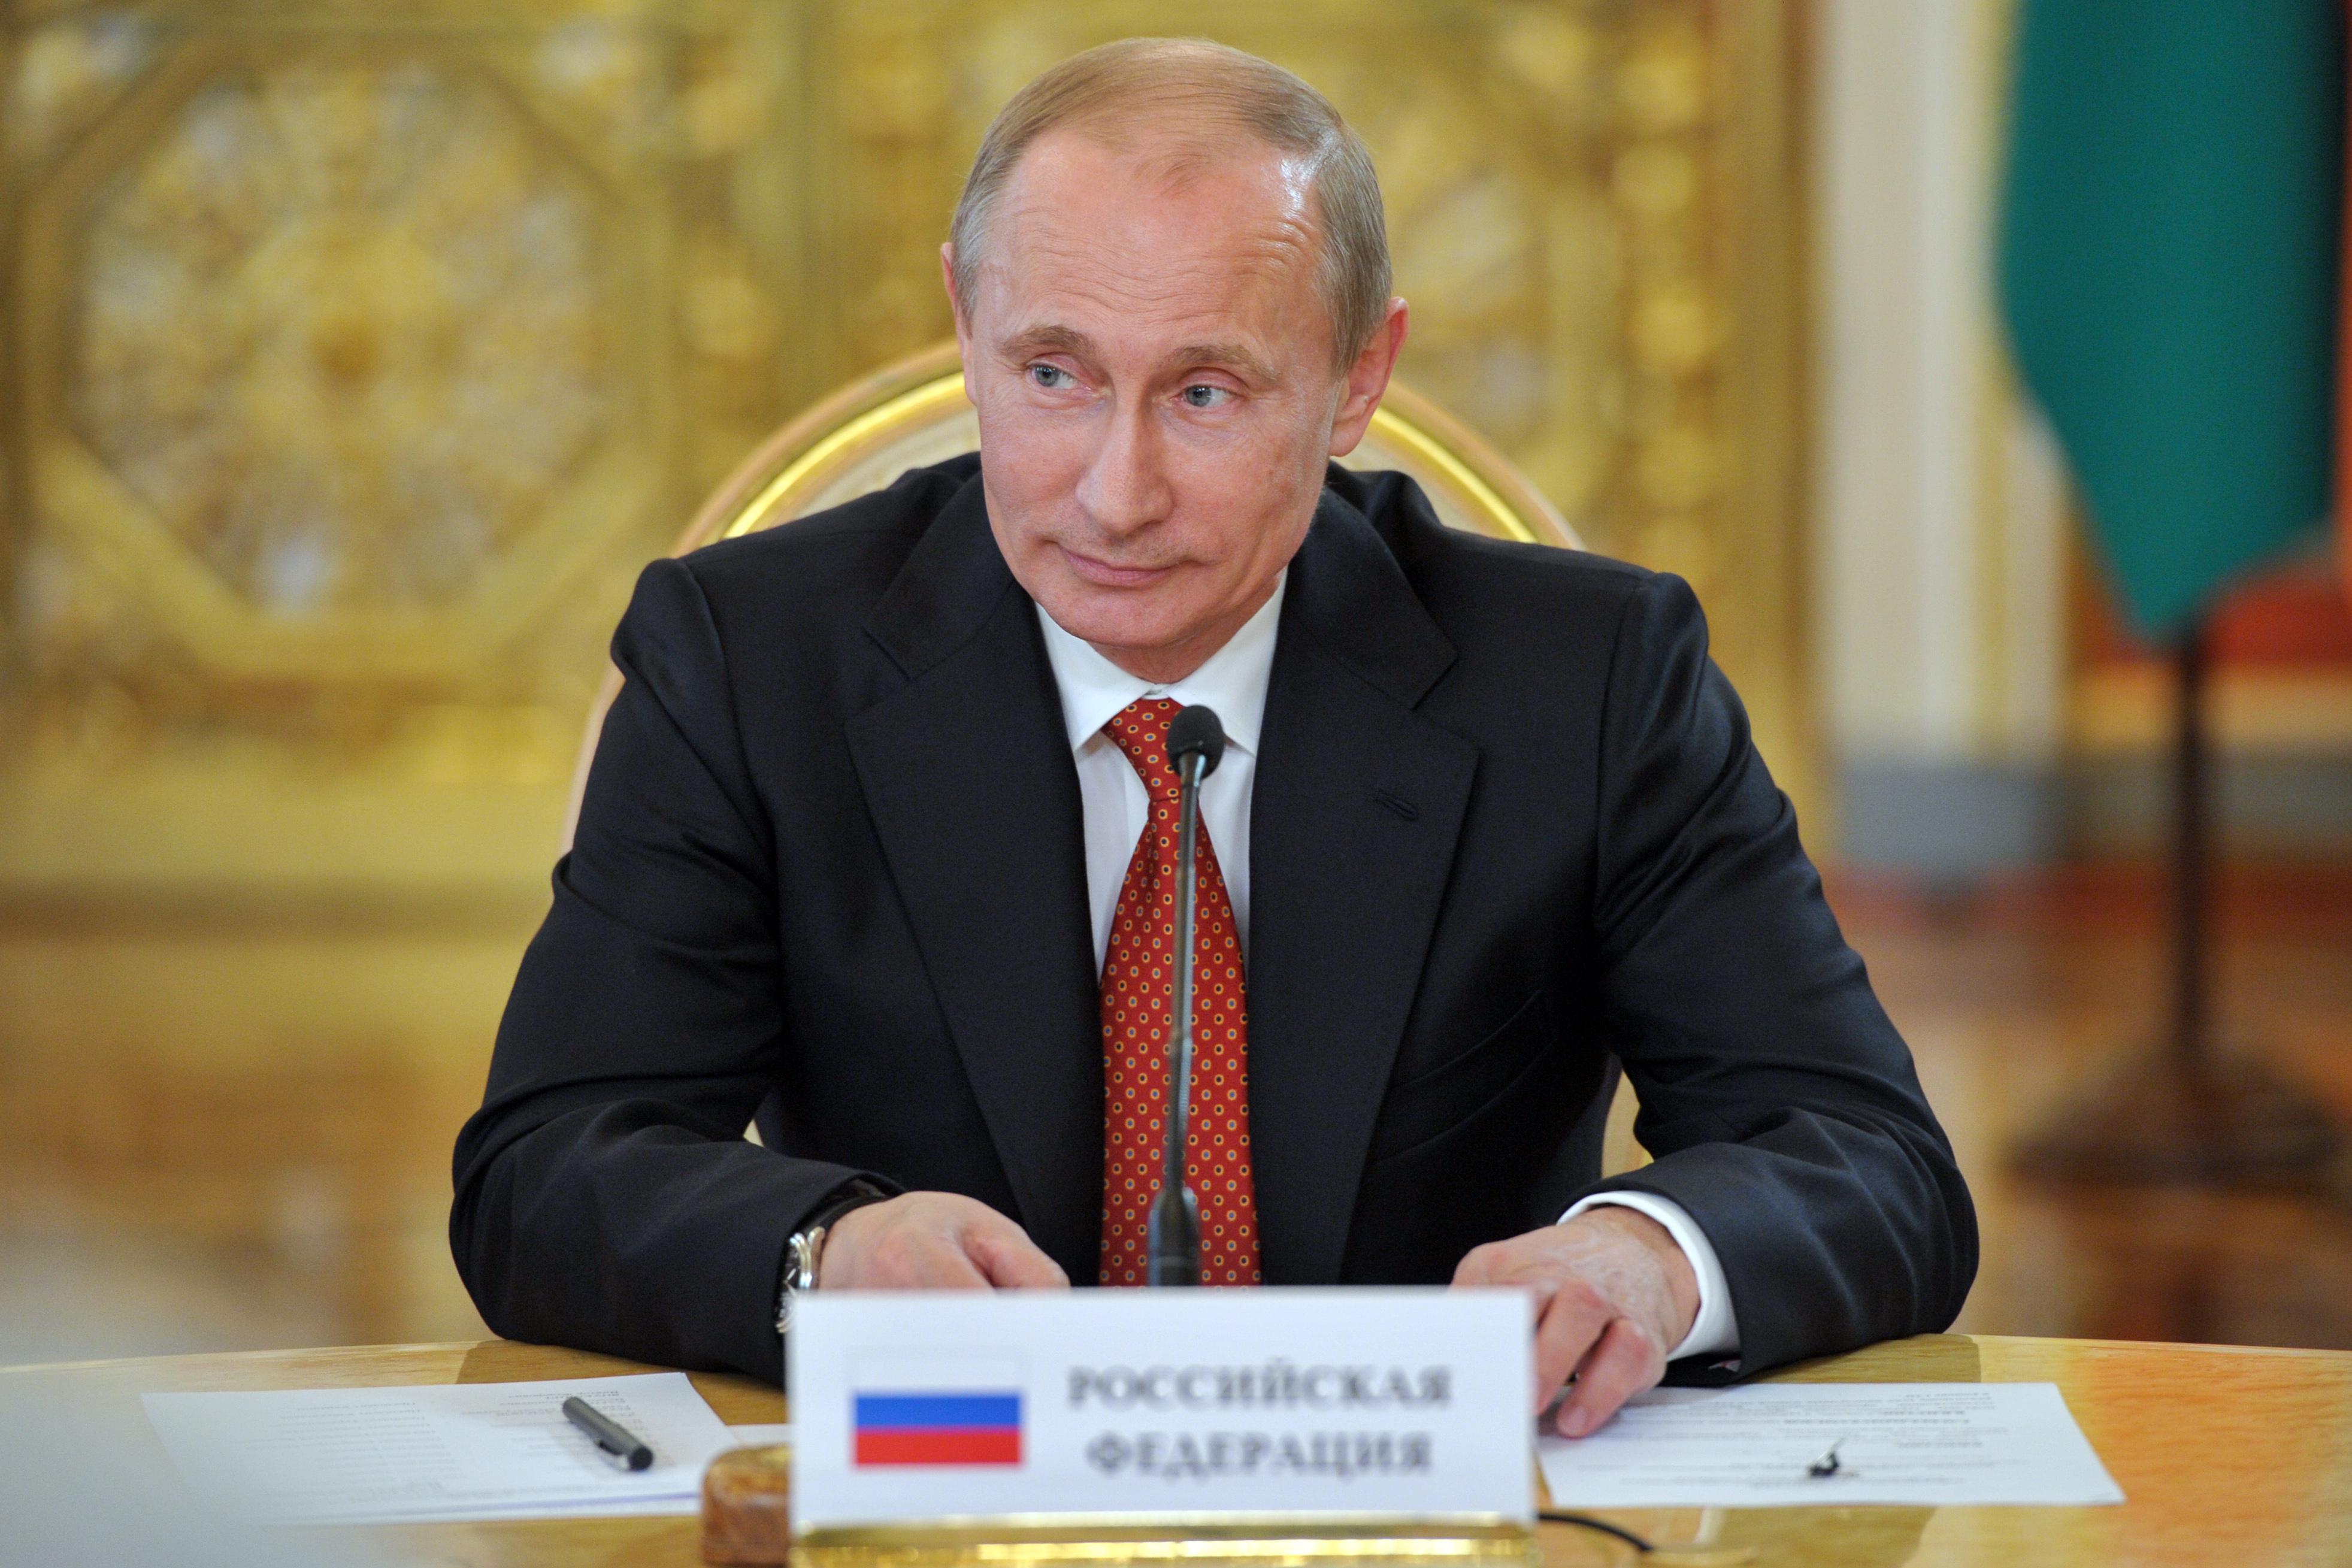 Владимир Путин: «Поздравляю с триумфальным выступлением»